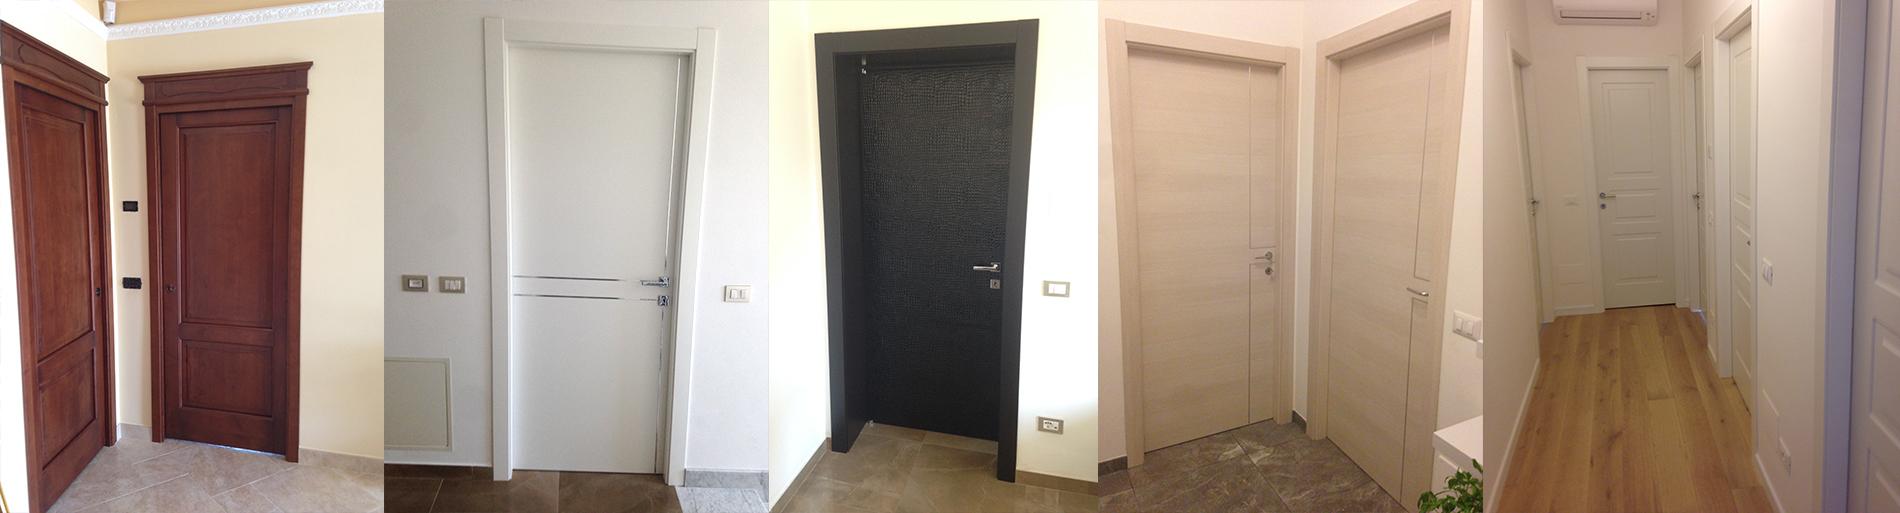 Porte da interno - Tecno Serramenti